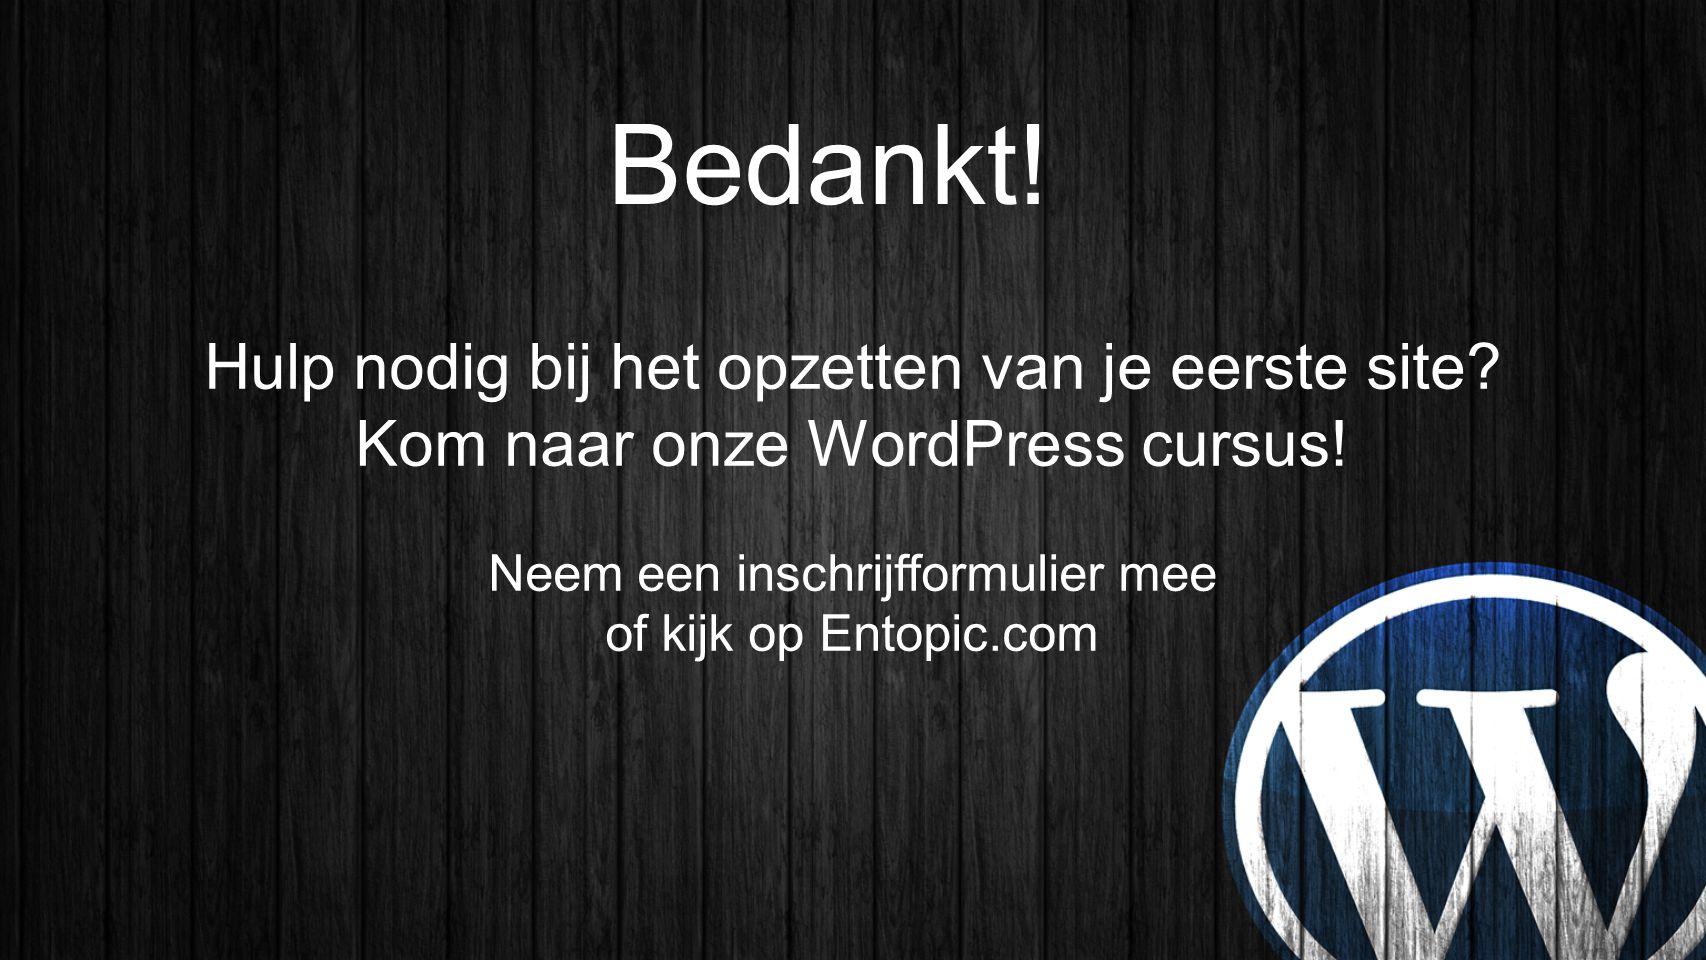 Bedankt! Hulp nodig bij het opzetten van je eerste site? Kom naar onze WordPress cursus! Neem een inschrijfformulier mee of kijk op Entopic.com